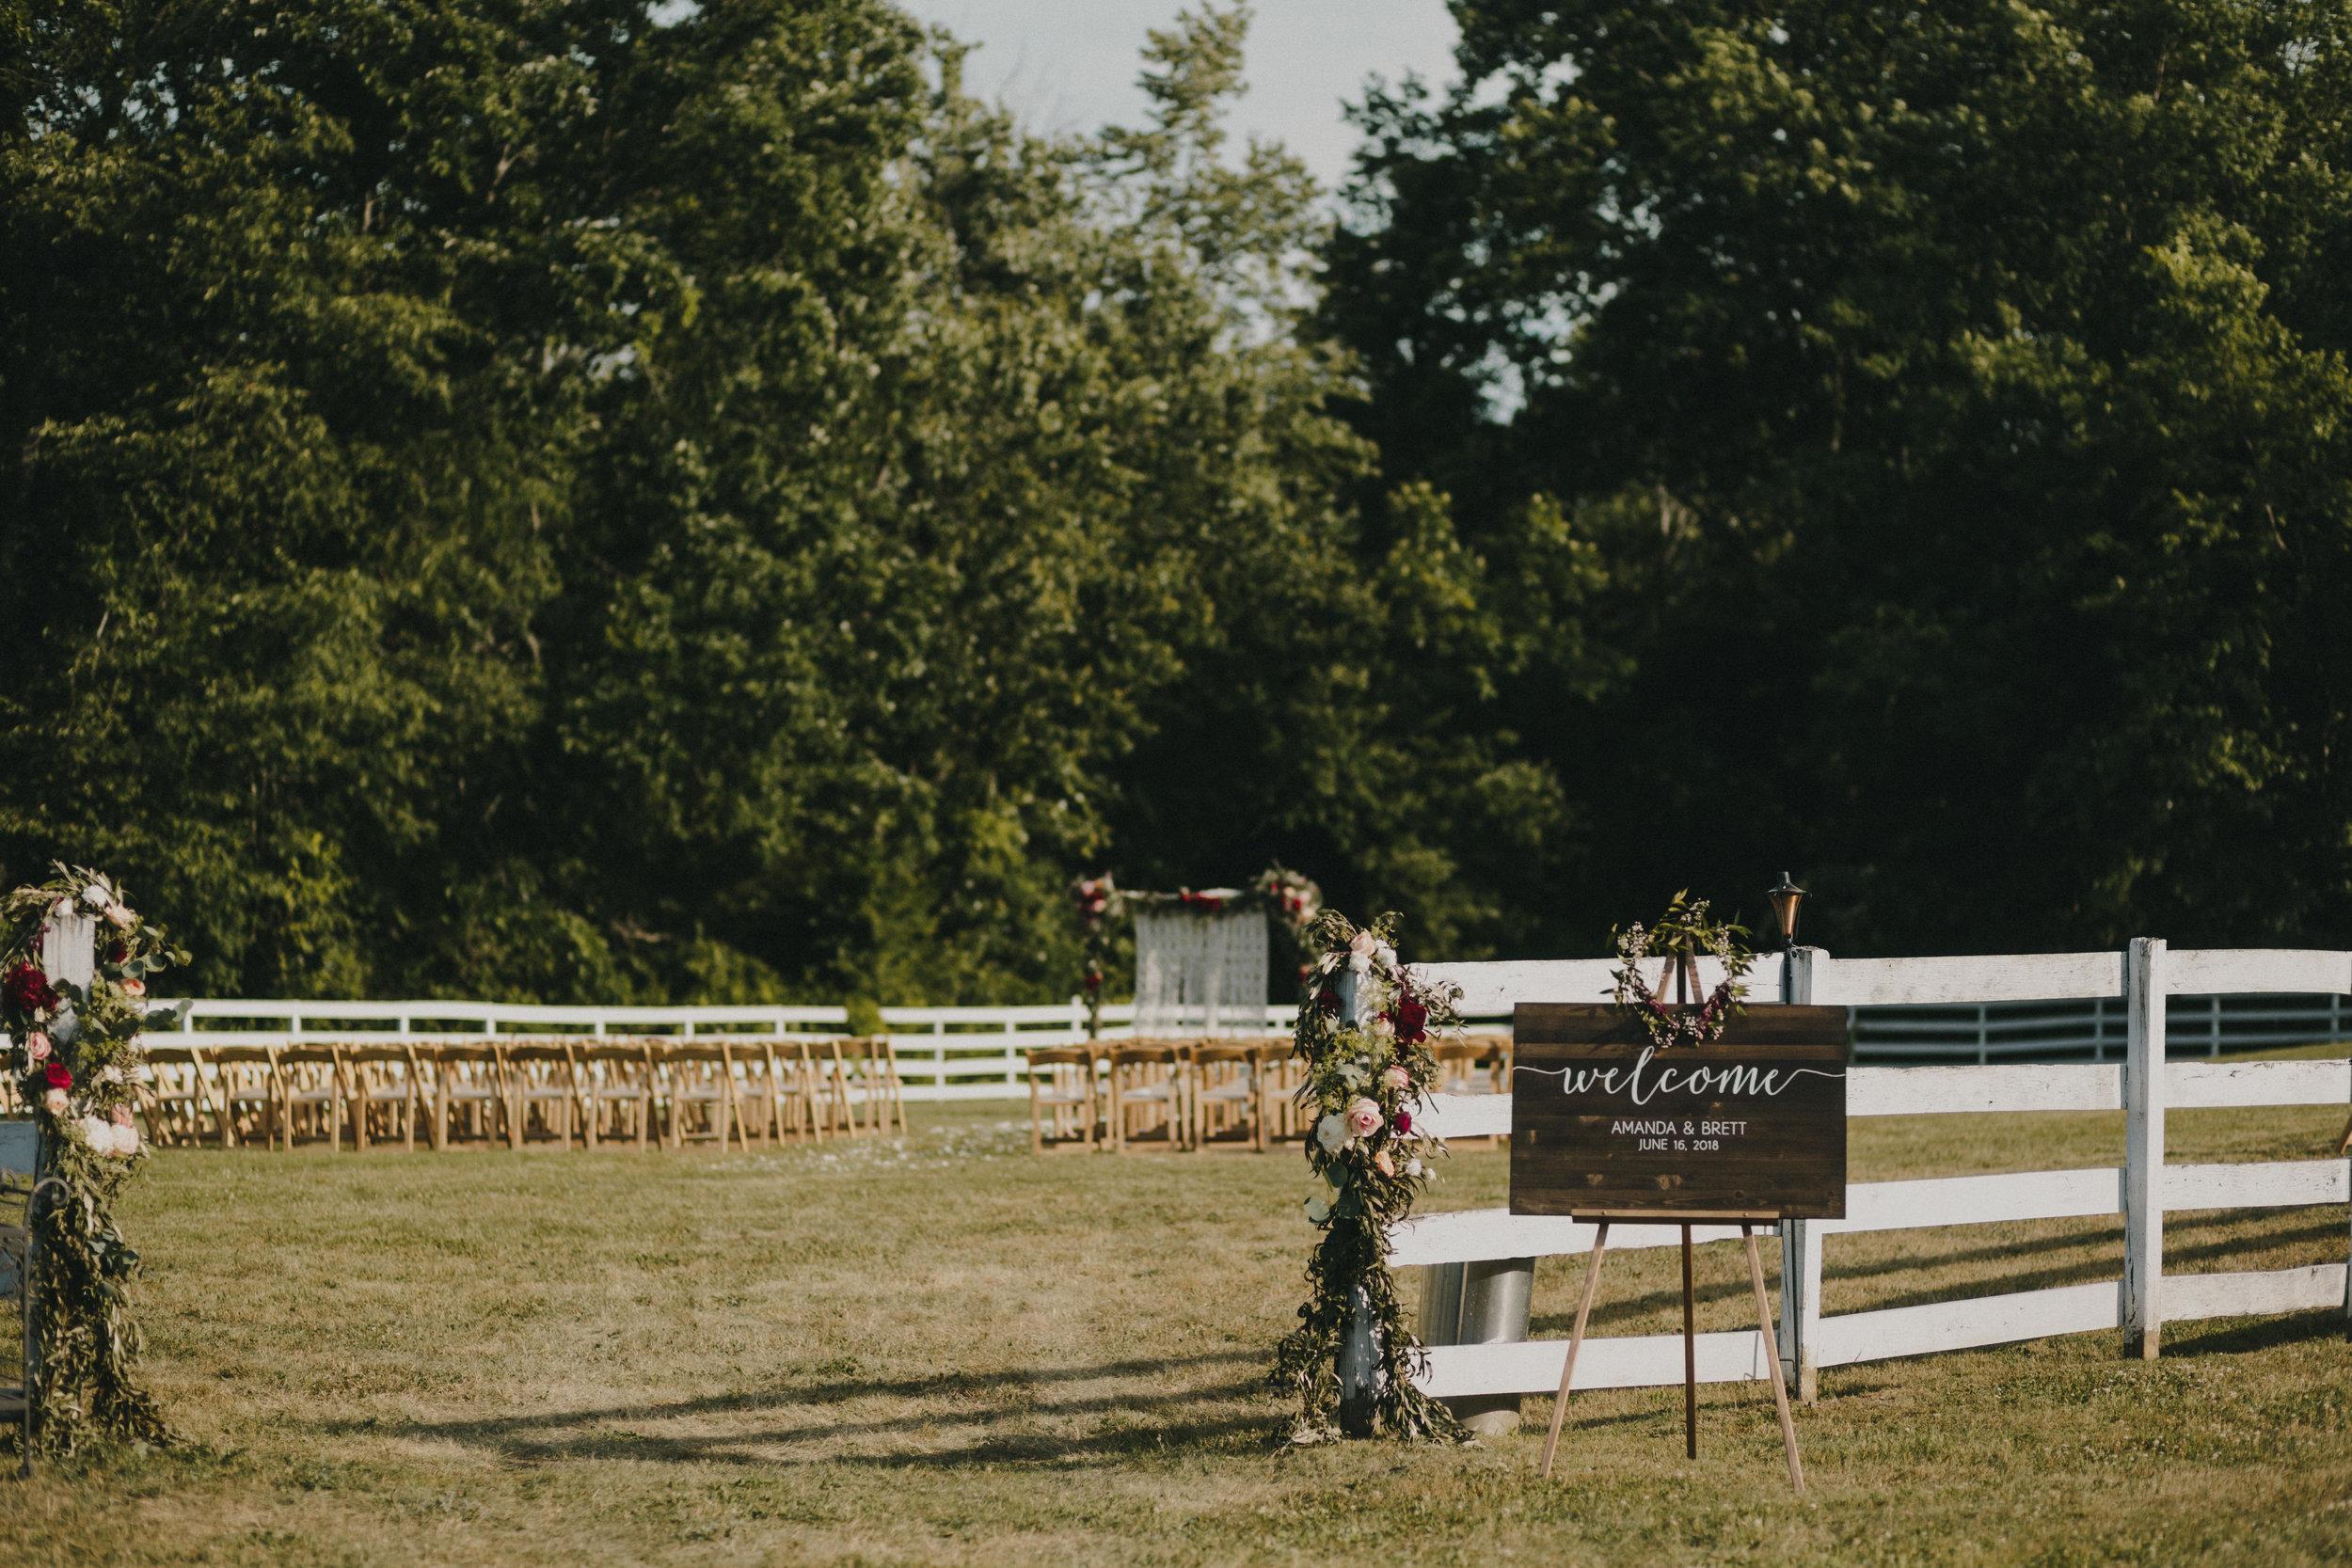 784-20180616-Amanda_Brett_Catskills_Summer_Boho_Wedding.jpg